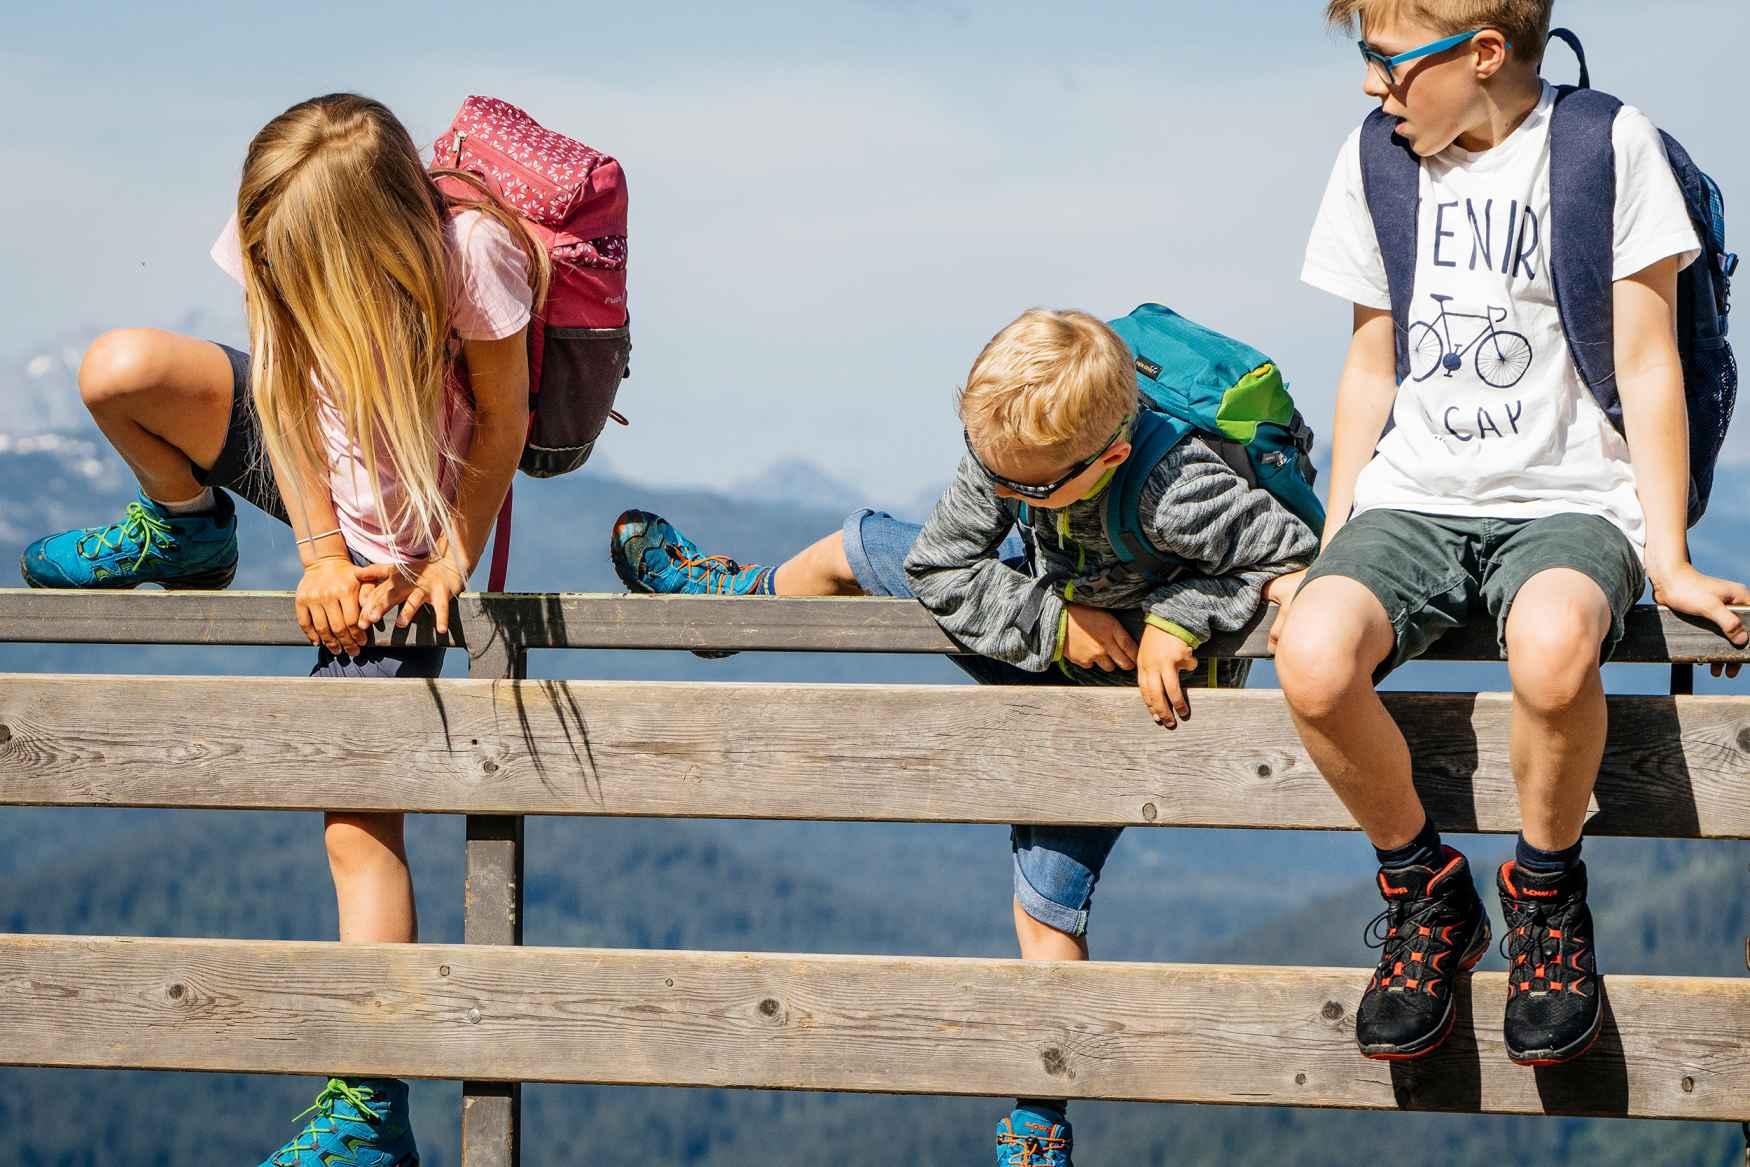 Als de ouders onderweg sportieve multifunctionele schoenen dragen, moet het levendige nageslacht natuurlijk ook in dynamische kinderschoenen staan. De ZIRROX GTX MID JUNIOR is dan ook geenszins minderwaardig aan zijn volwassen tegenhanger. Een laag gewicht, een praktisch snelsluitsysteem en robuust textielmateriaal met een waterdicht GORE-TEX-membraan zorgen voor duurzaam comfort voor kinderen.